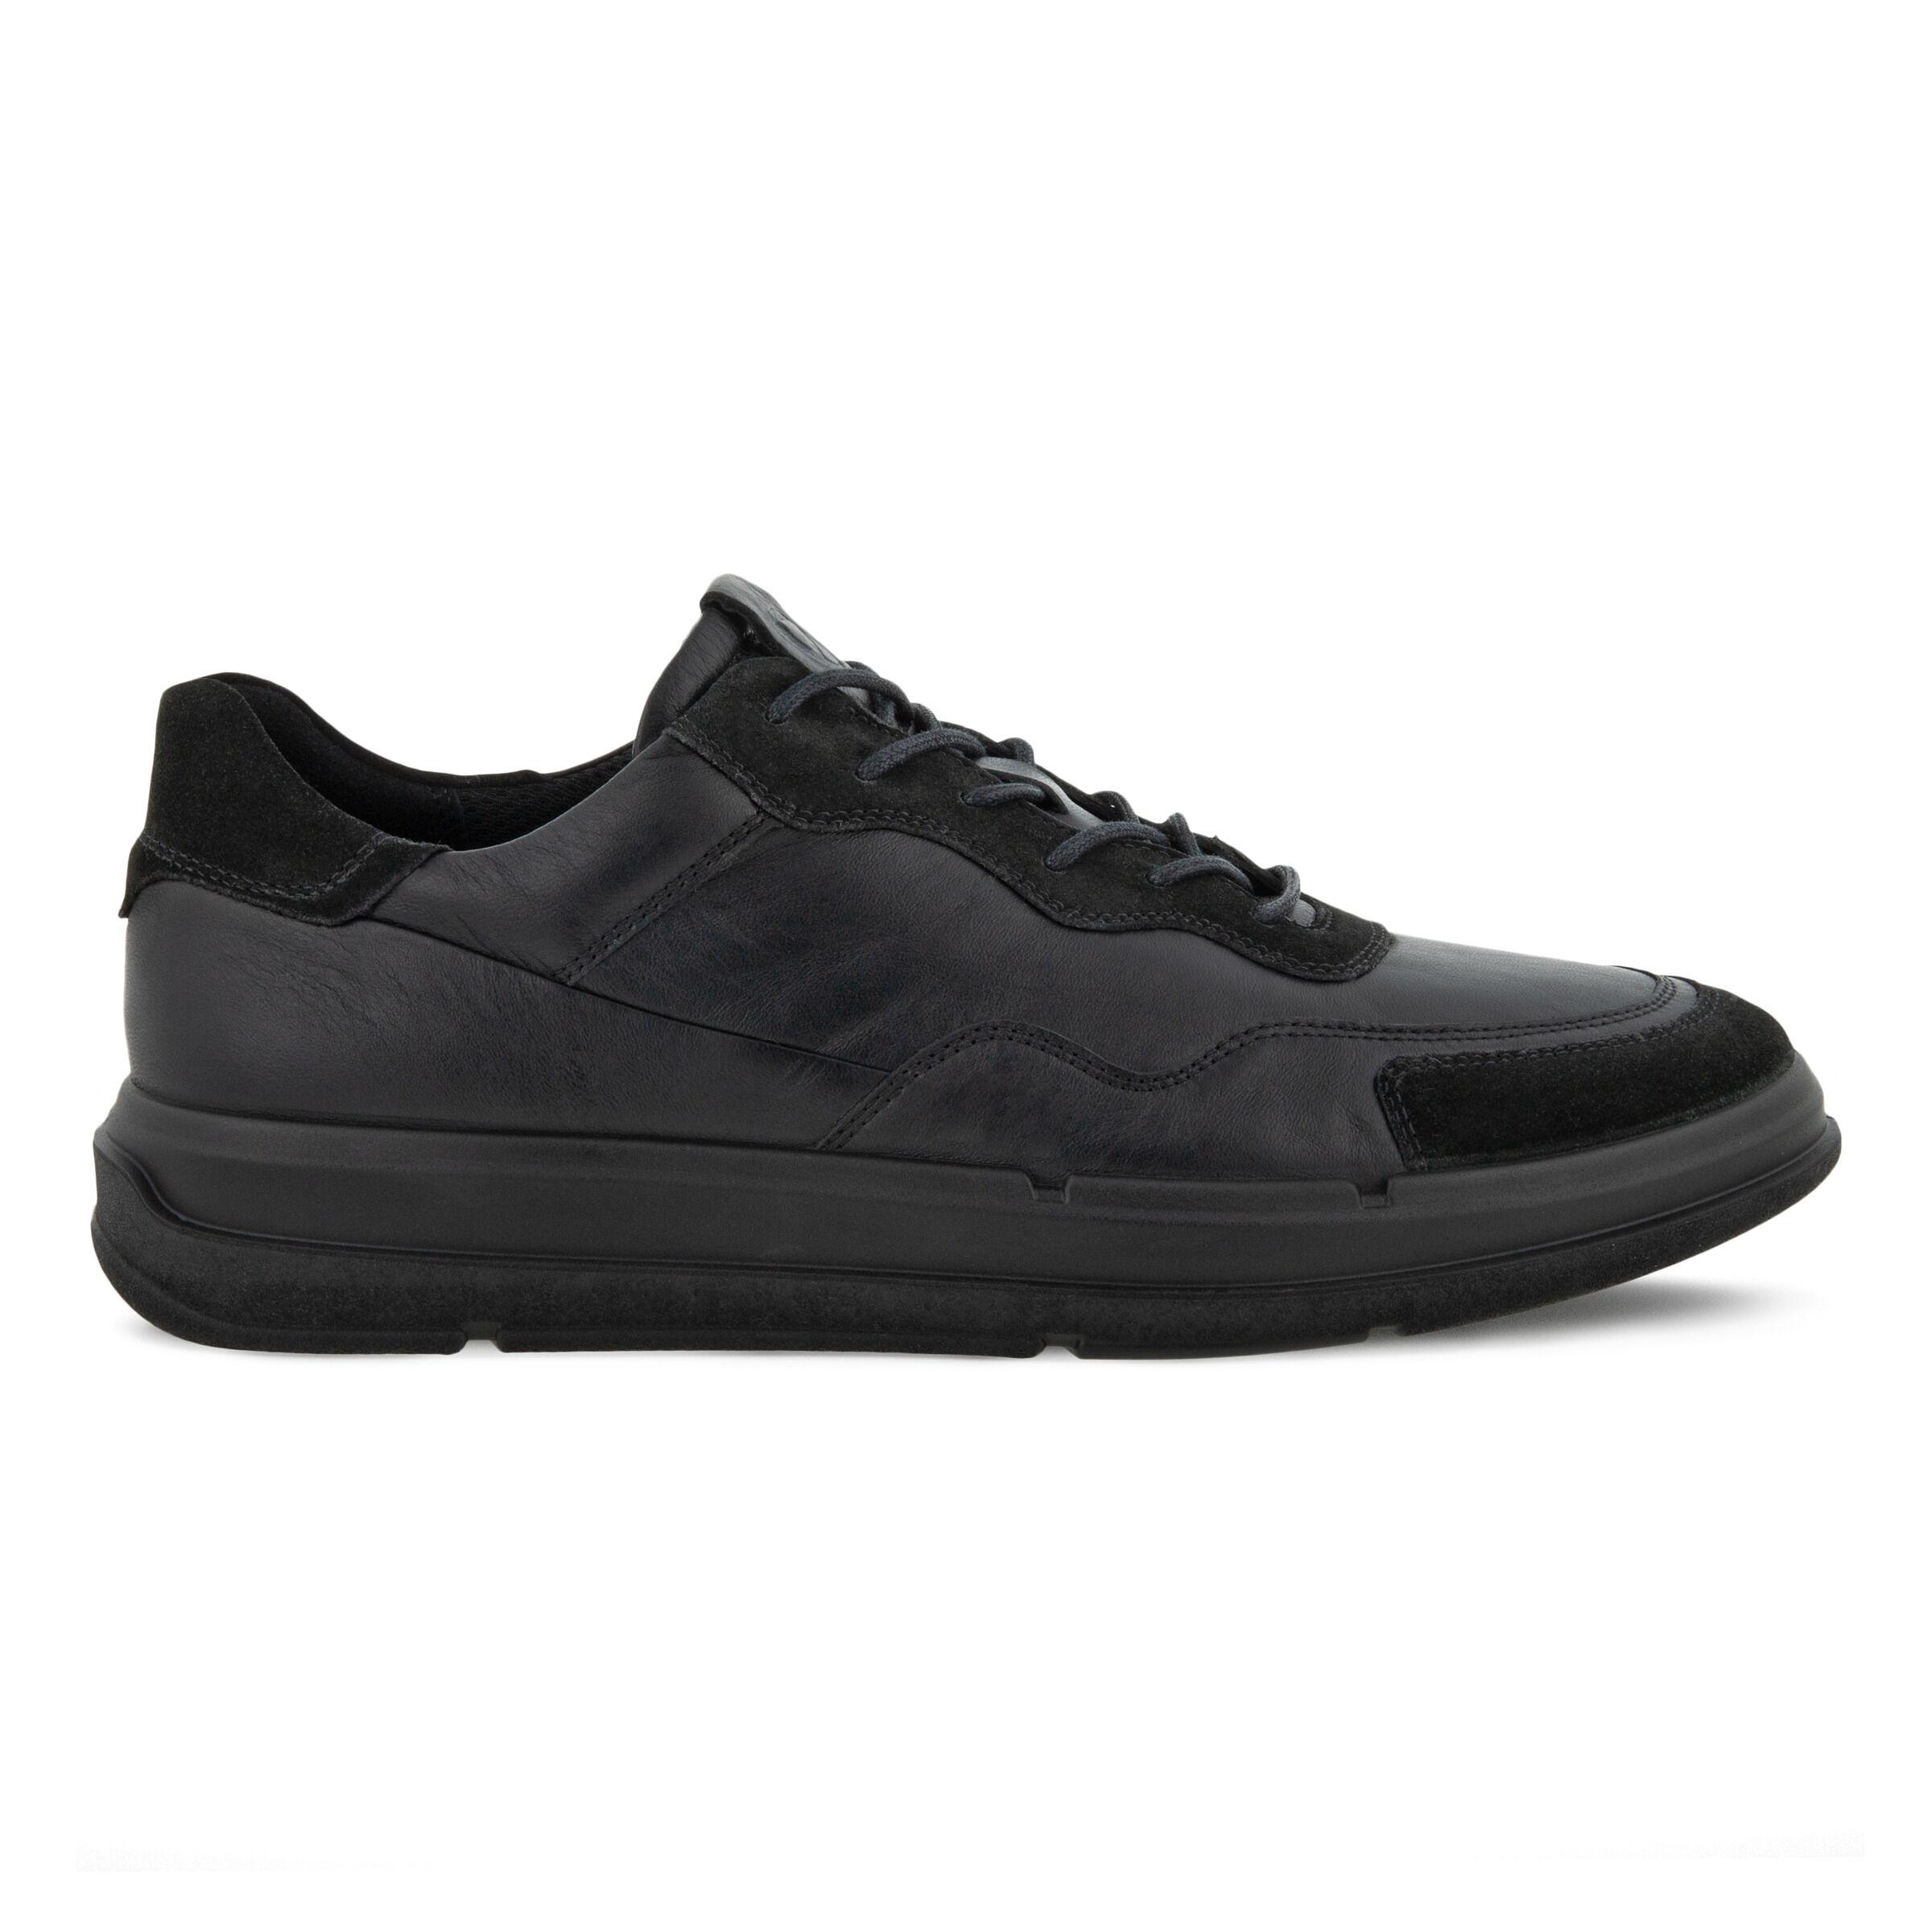 에코 ECCO SOFT X Mens Shoe,BLACK/BLACK